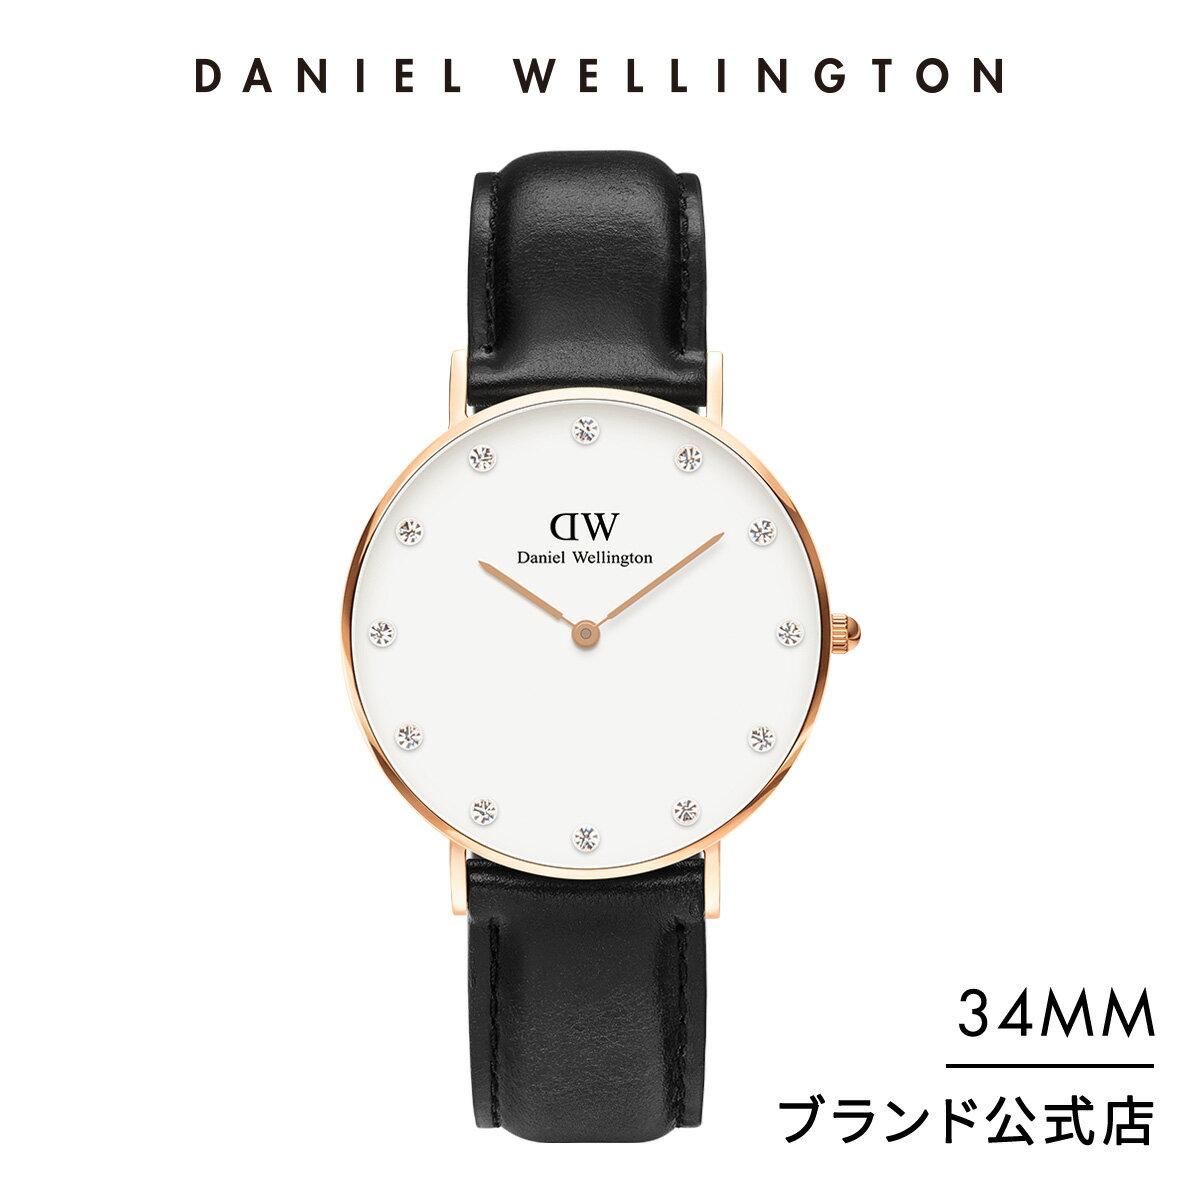 【公式2年保証/送料無料】ダニエルウェリントン公式 レディース 腕時計 Classy Sheffield 34mm 革 ベルト スワロフスキー クリスタル クラッシー シェフィールド DW プレゼント おしゃれ インスタ映え ブランド 彼女 彼氏 ペアスタイルに最適 ギフト